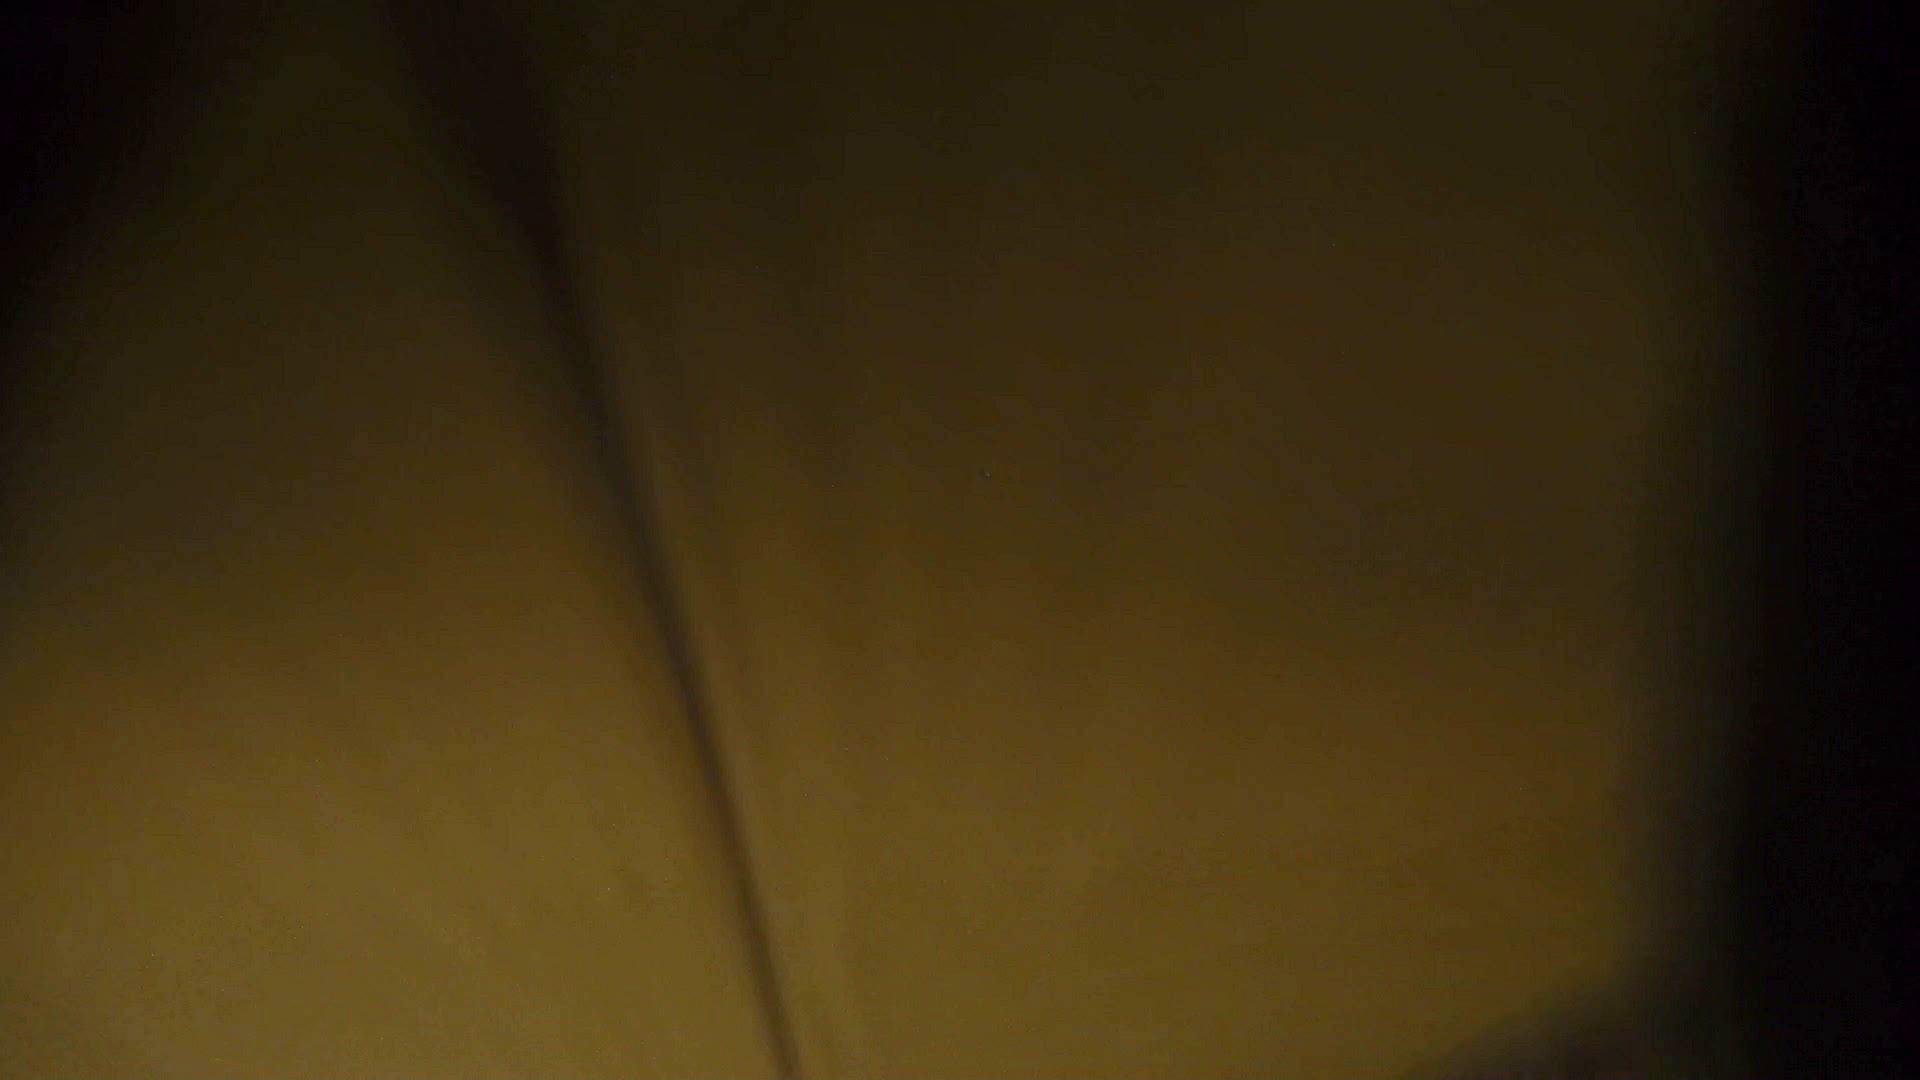 阿国ちゃんの「和式洋式七変化」No.4 洗面所 | 和式  97pic 19